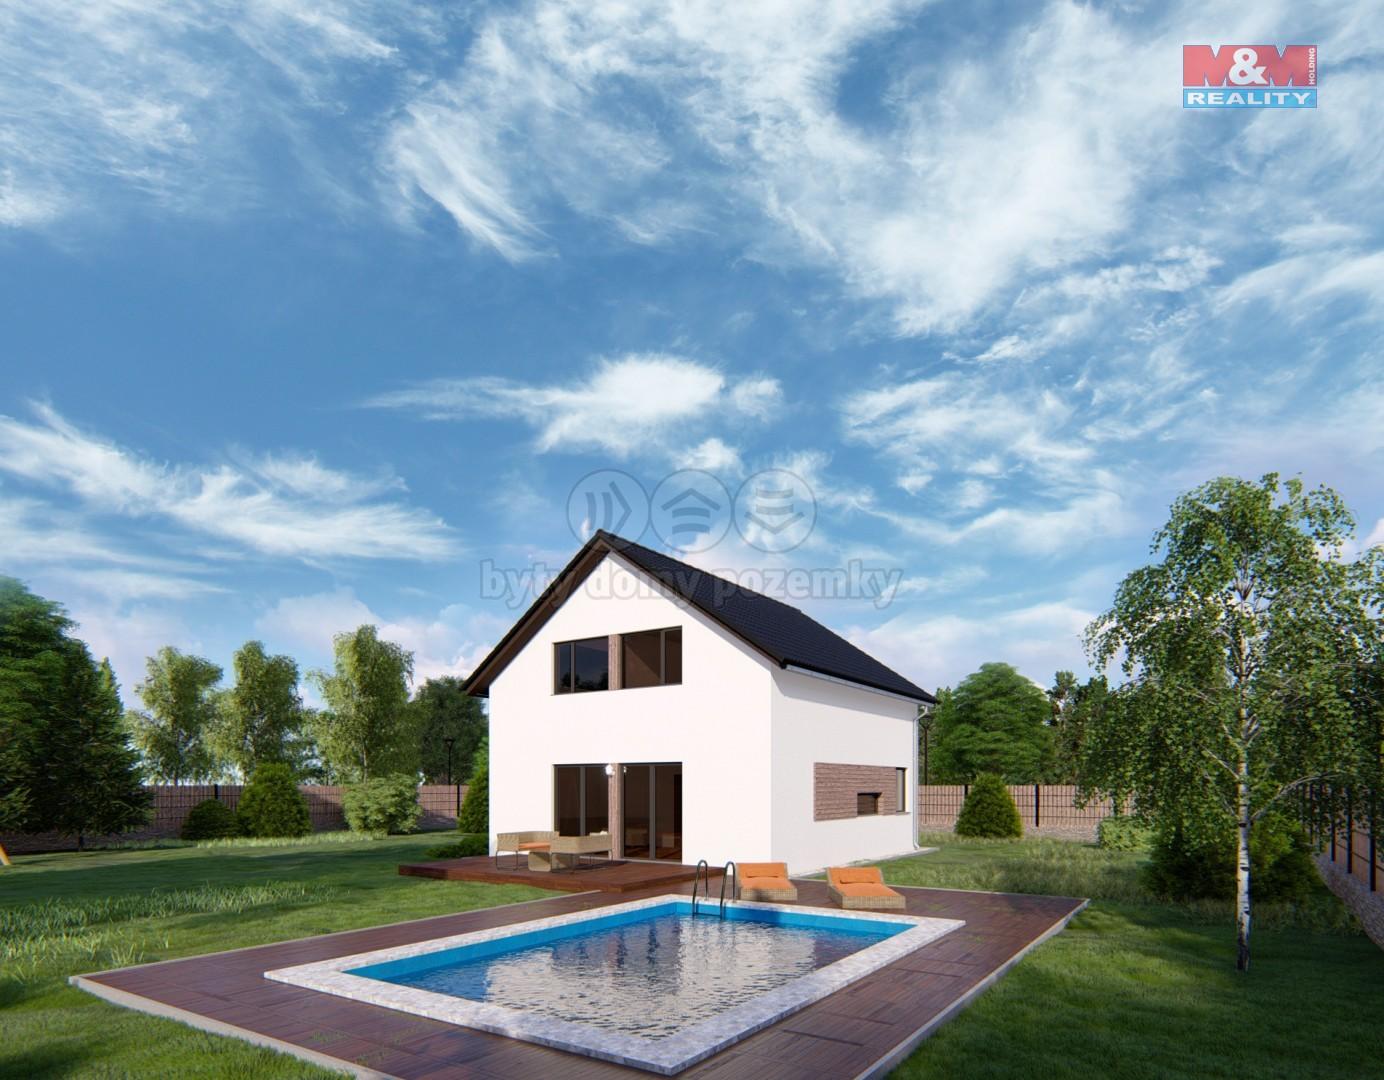 Prodej rodinného domu, 118 m², Podbřezí